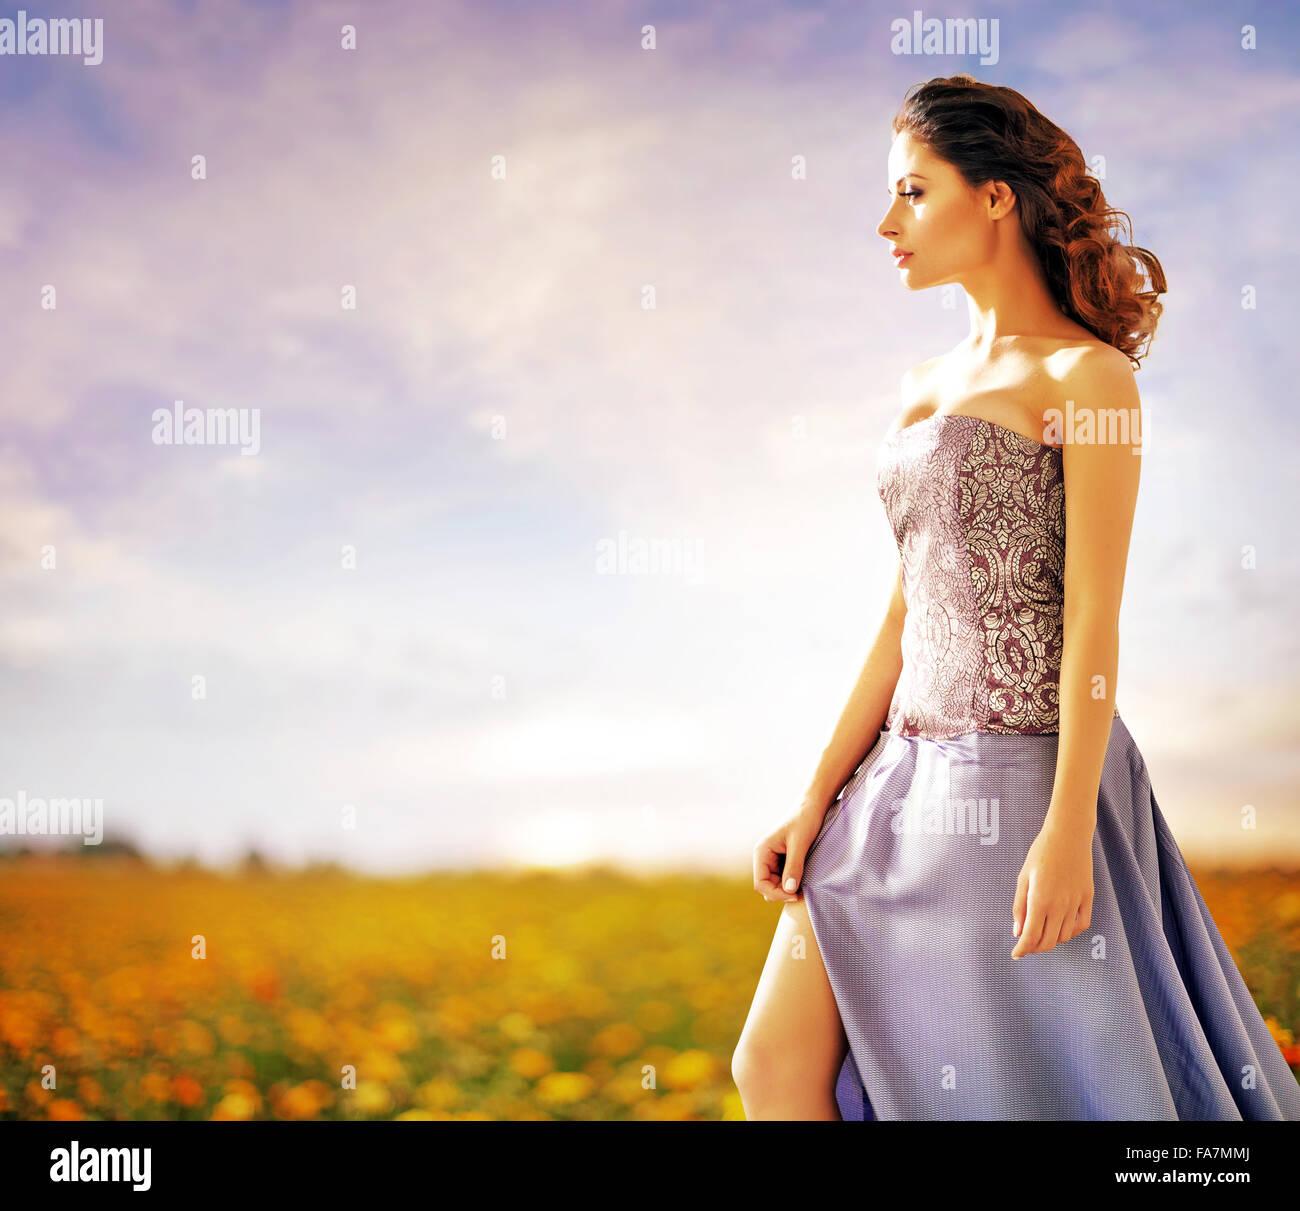 Bella Signora camminando sul prato rurale Immagini Stock